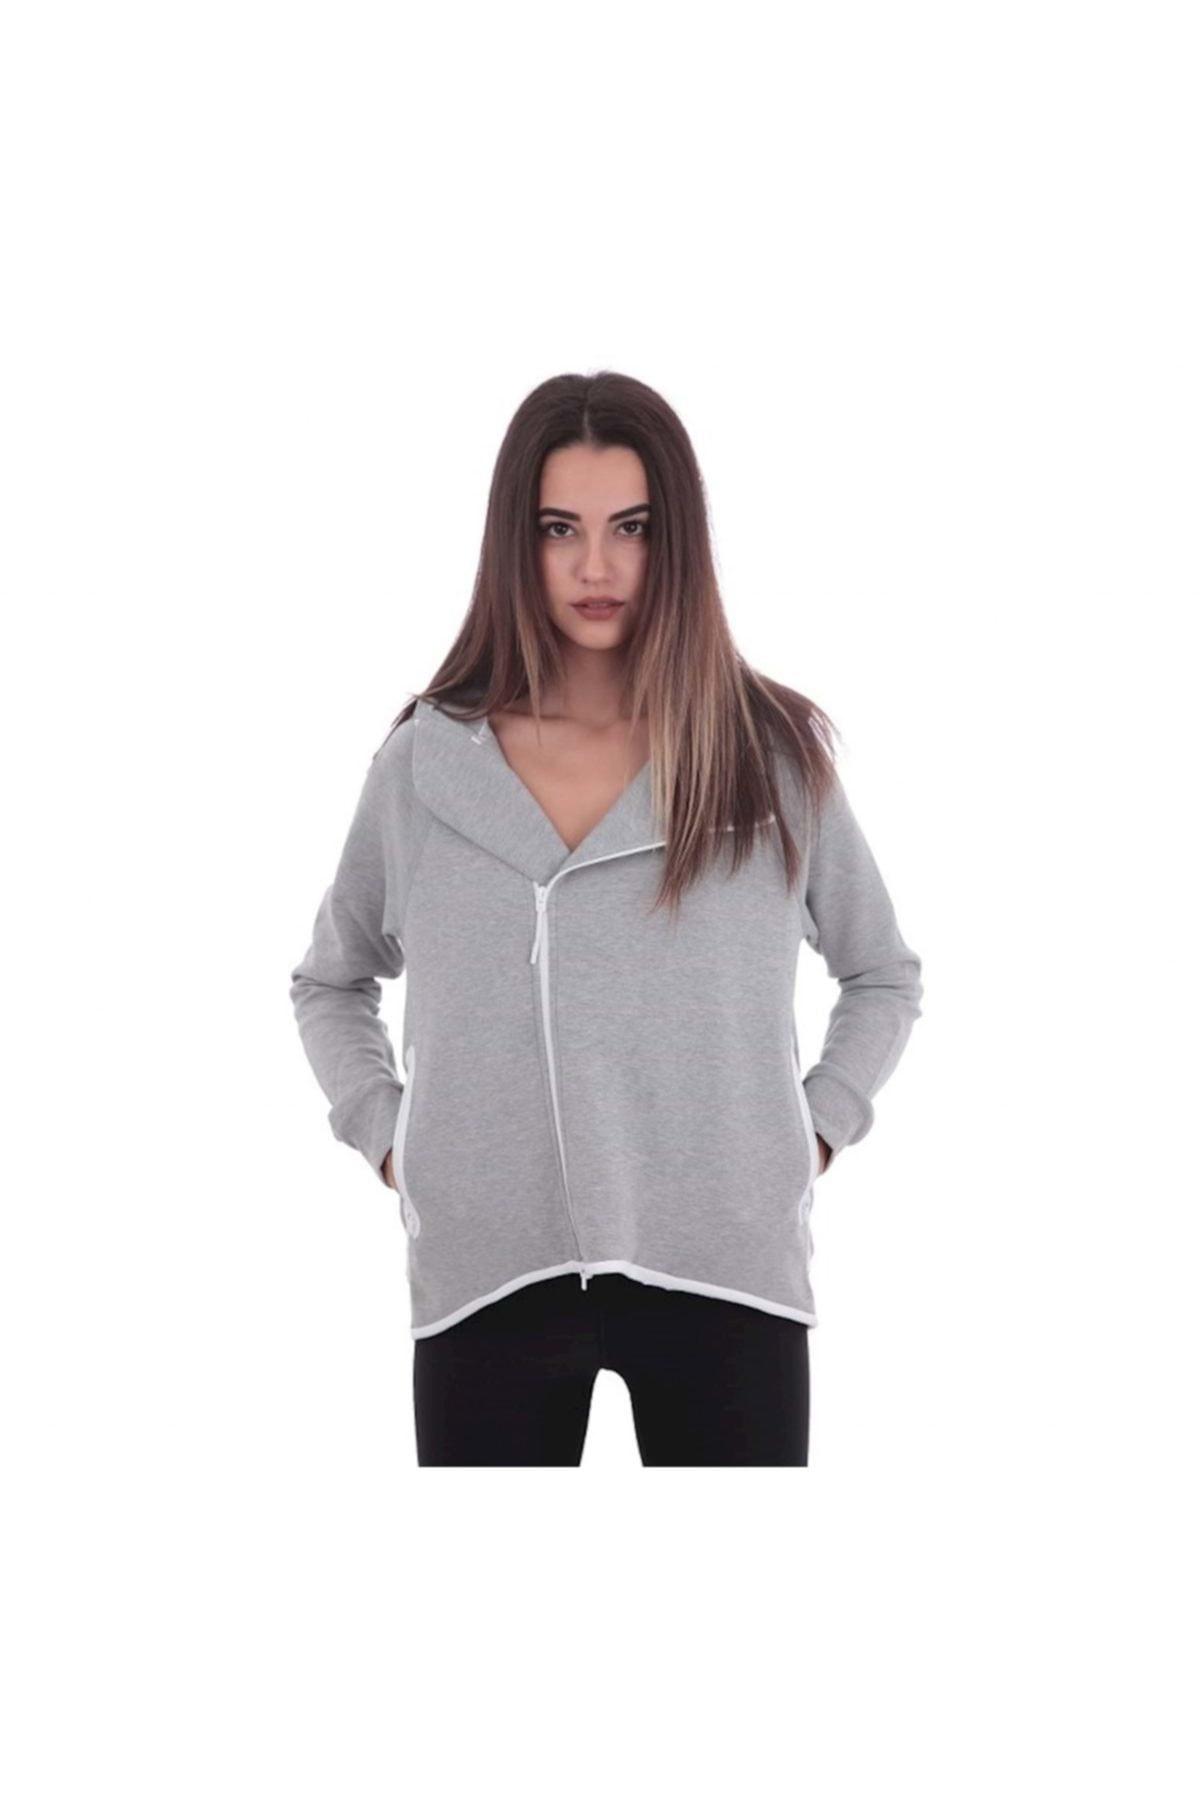 خرید انلاین گرمکن ورزشی زنانه جدید برند نایک رنگ نقره ای کد ty33848178